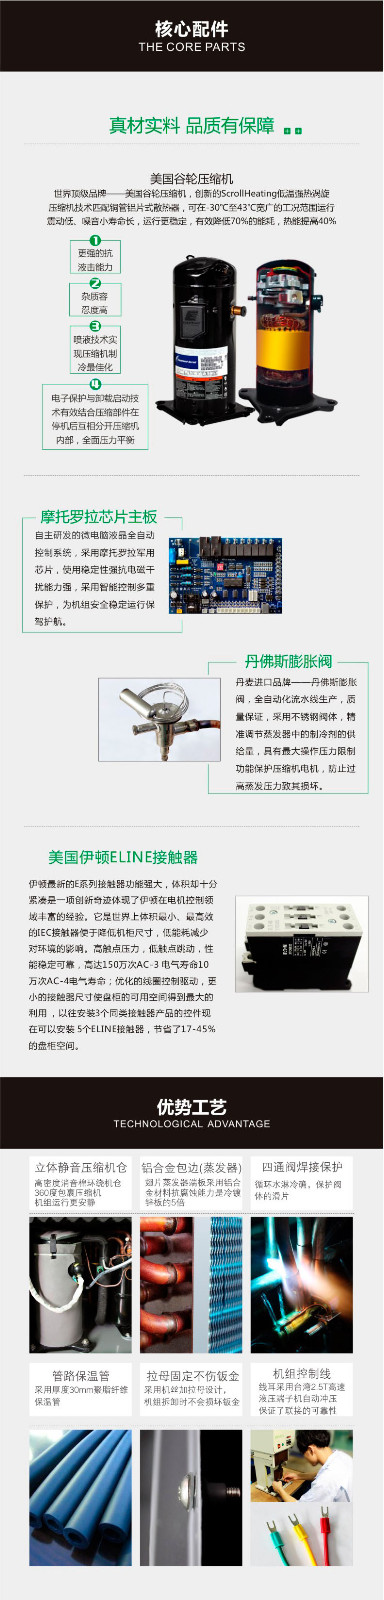 EVI系列_-25°超低温5p机|商用系列-山东中韩泵业有限公司广东分公司